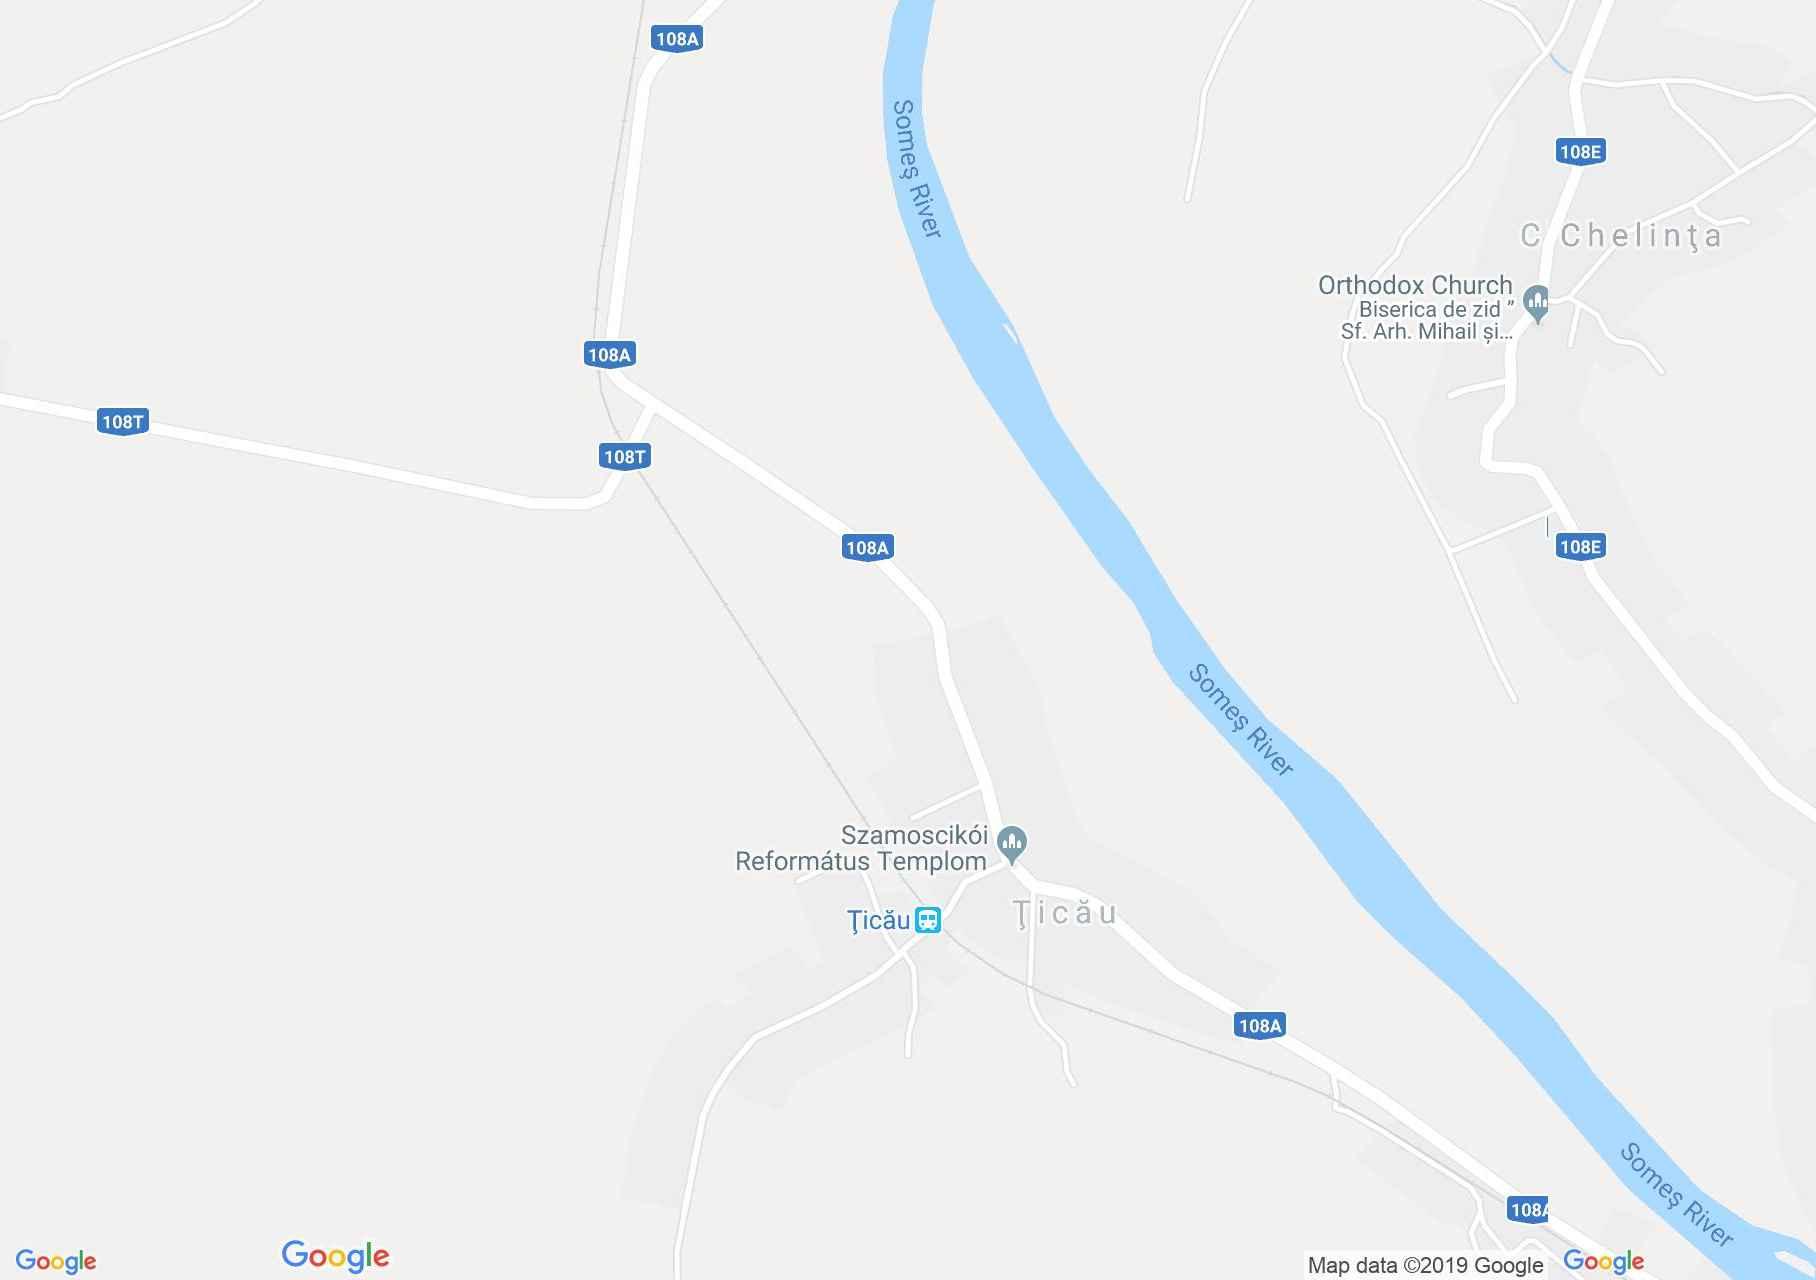 Hartă Ţicău: Biserica ortodoxă